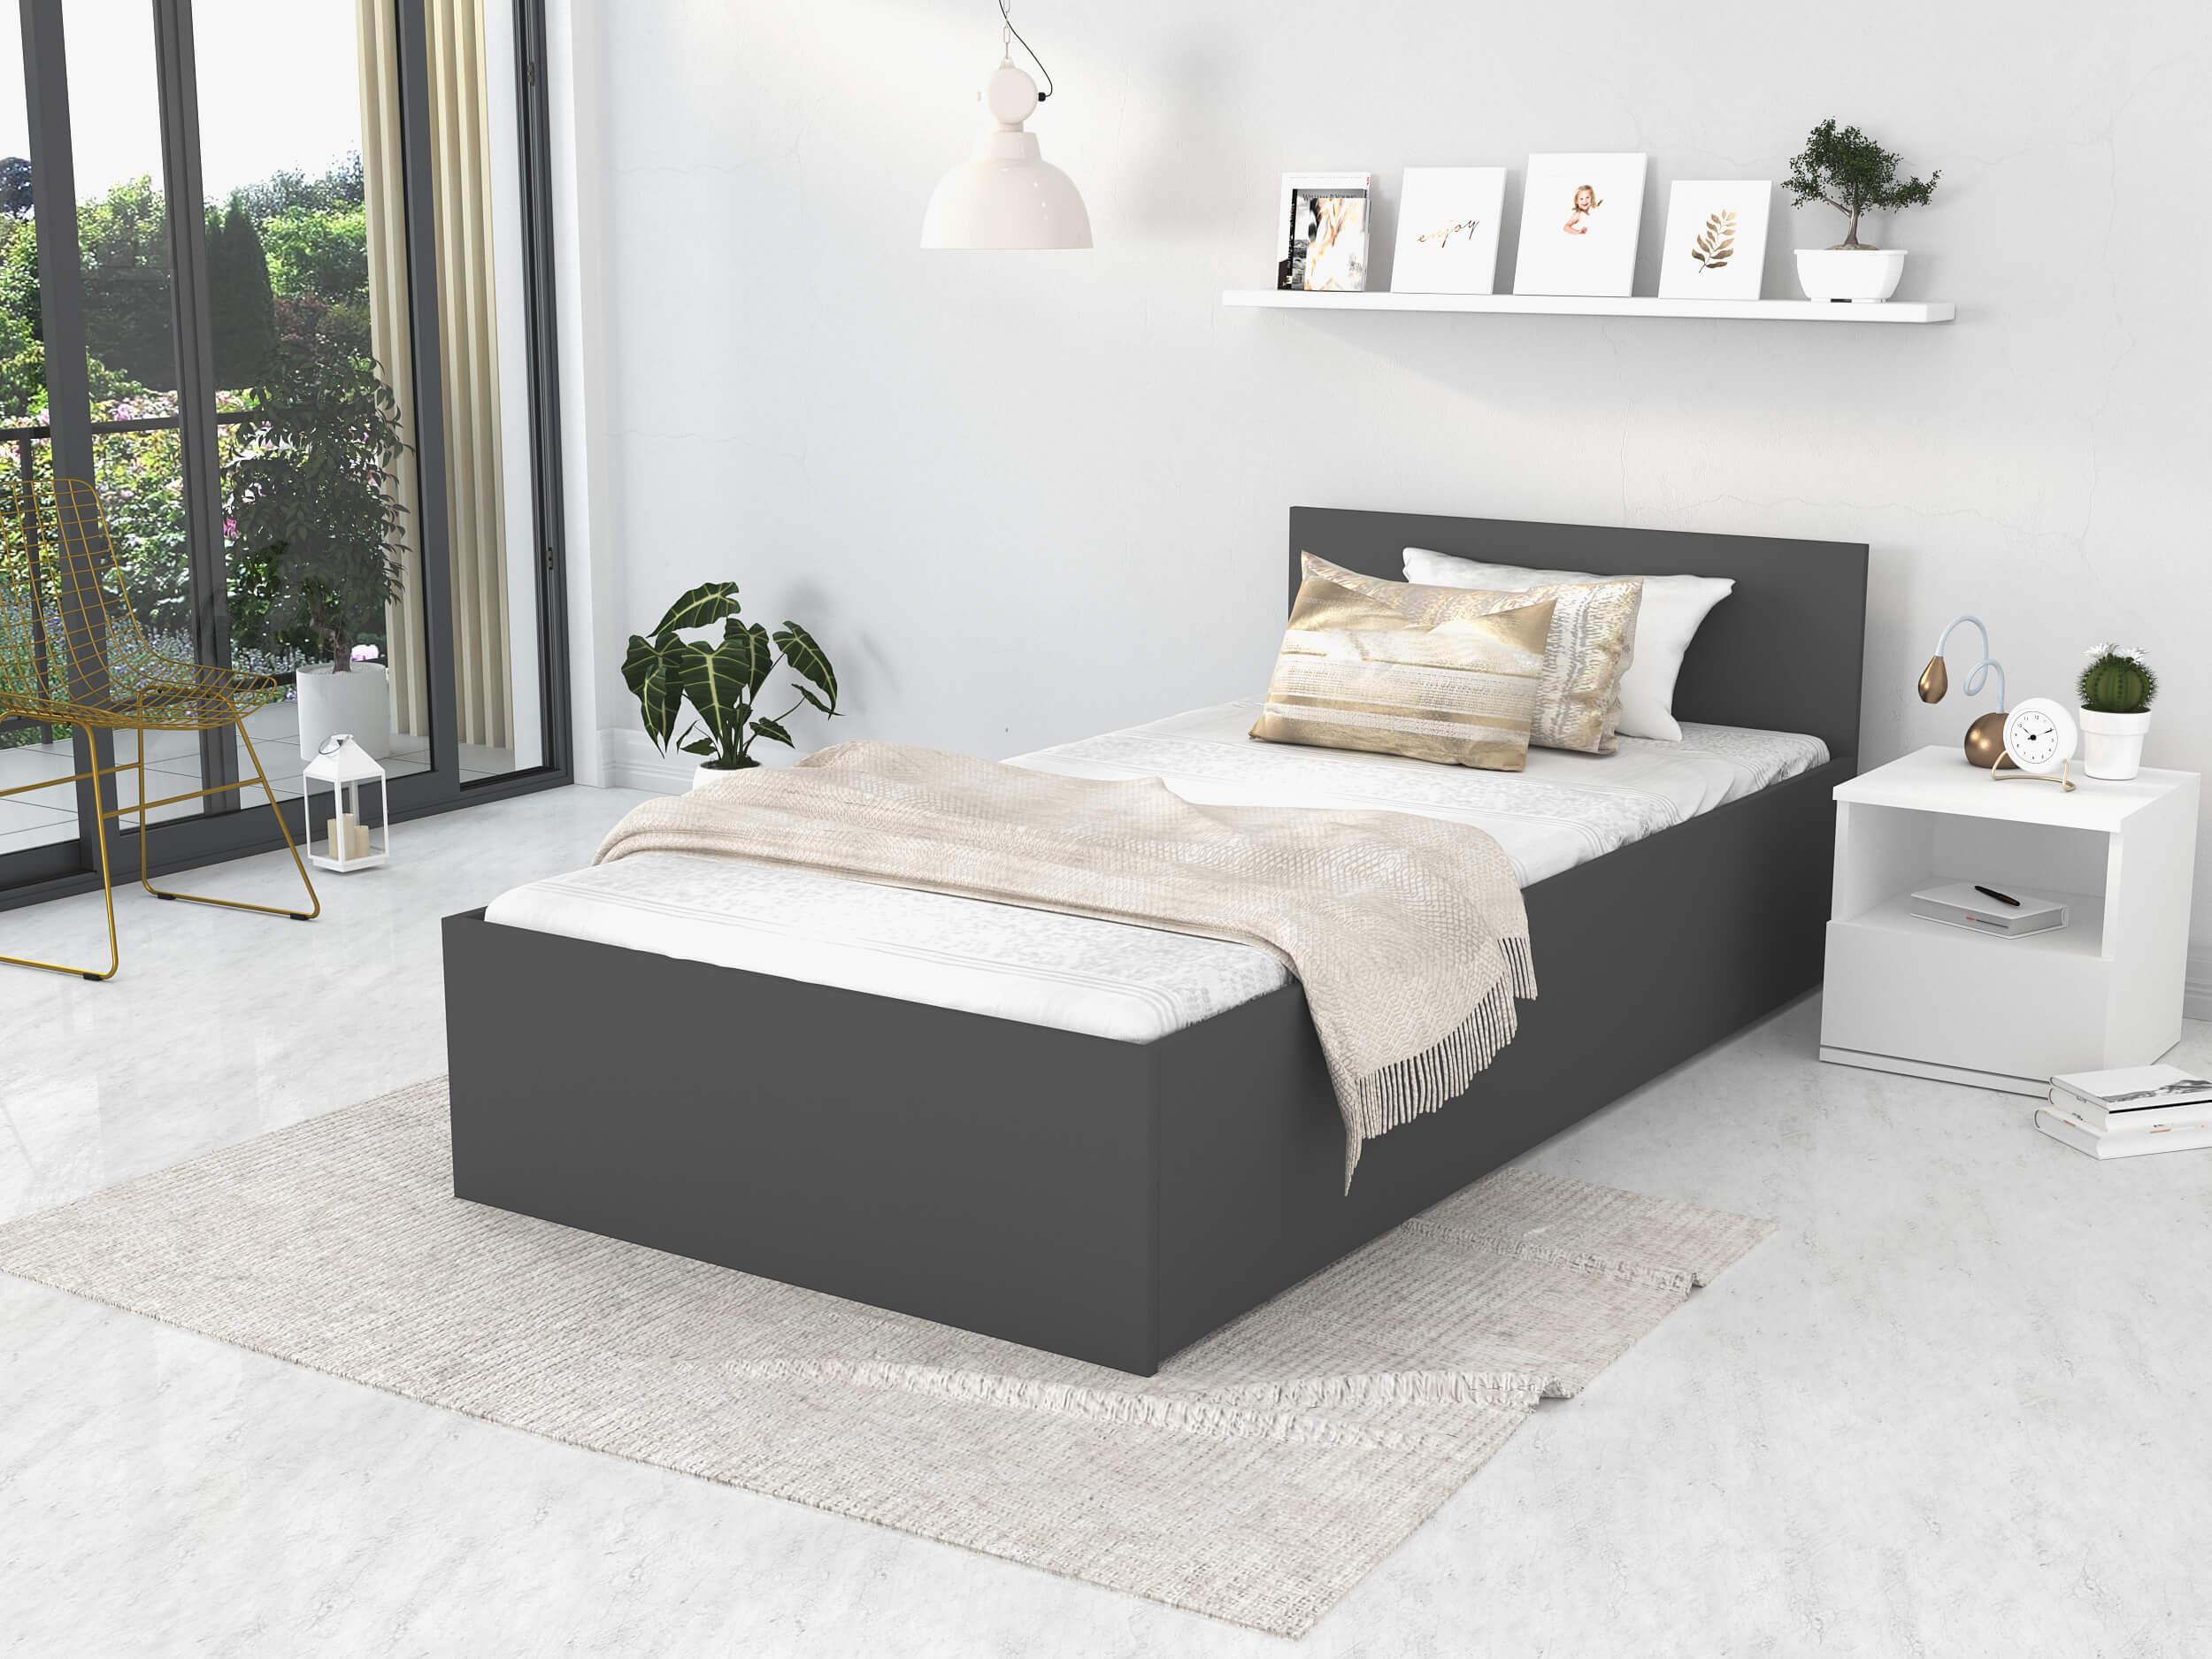 GL Jednolôžková posteľ Dolly - sivá Rozmer: 200x120